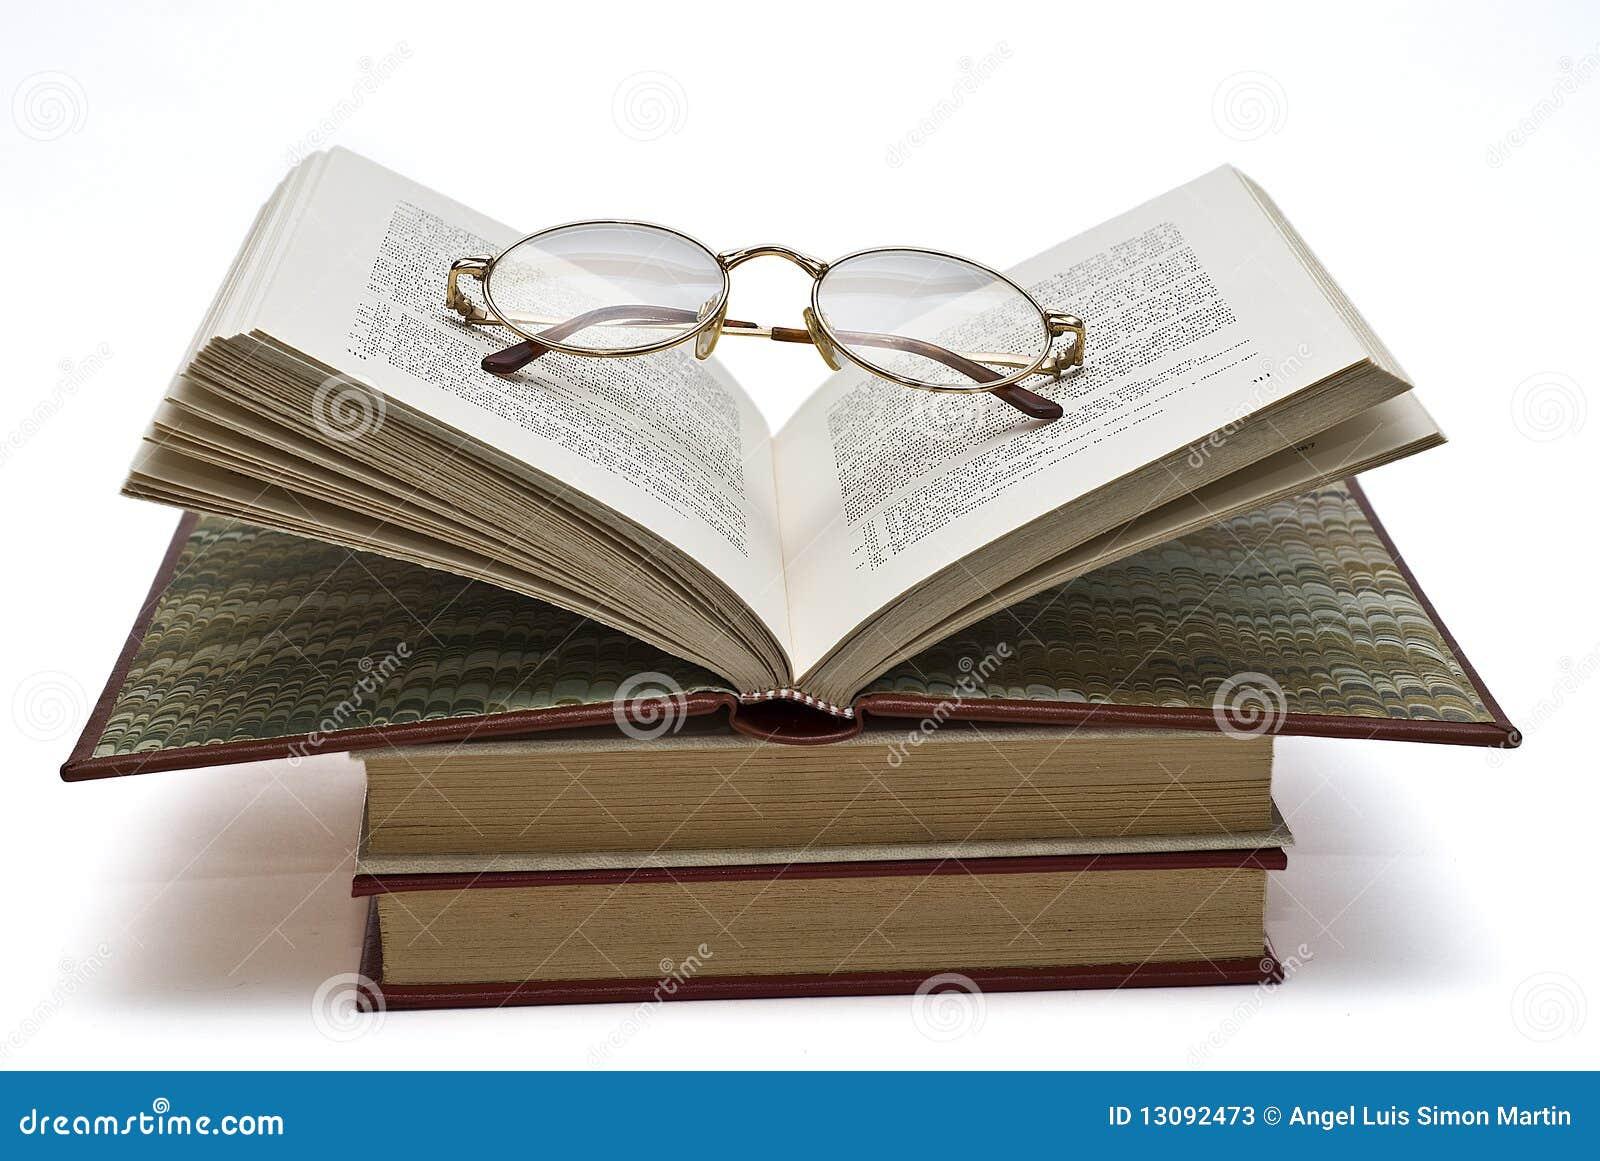 Glaces sur un livre ouvert.